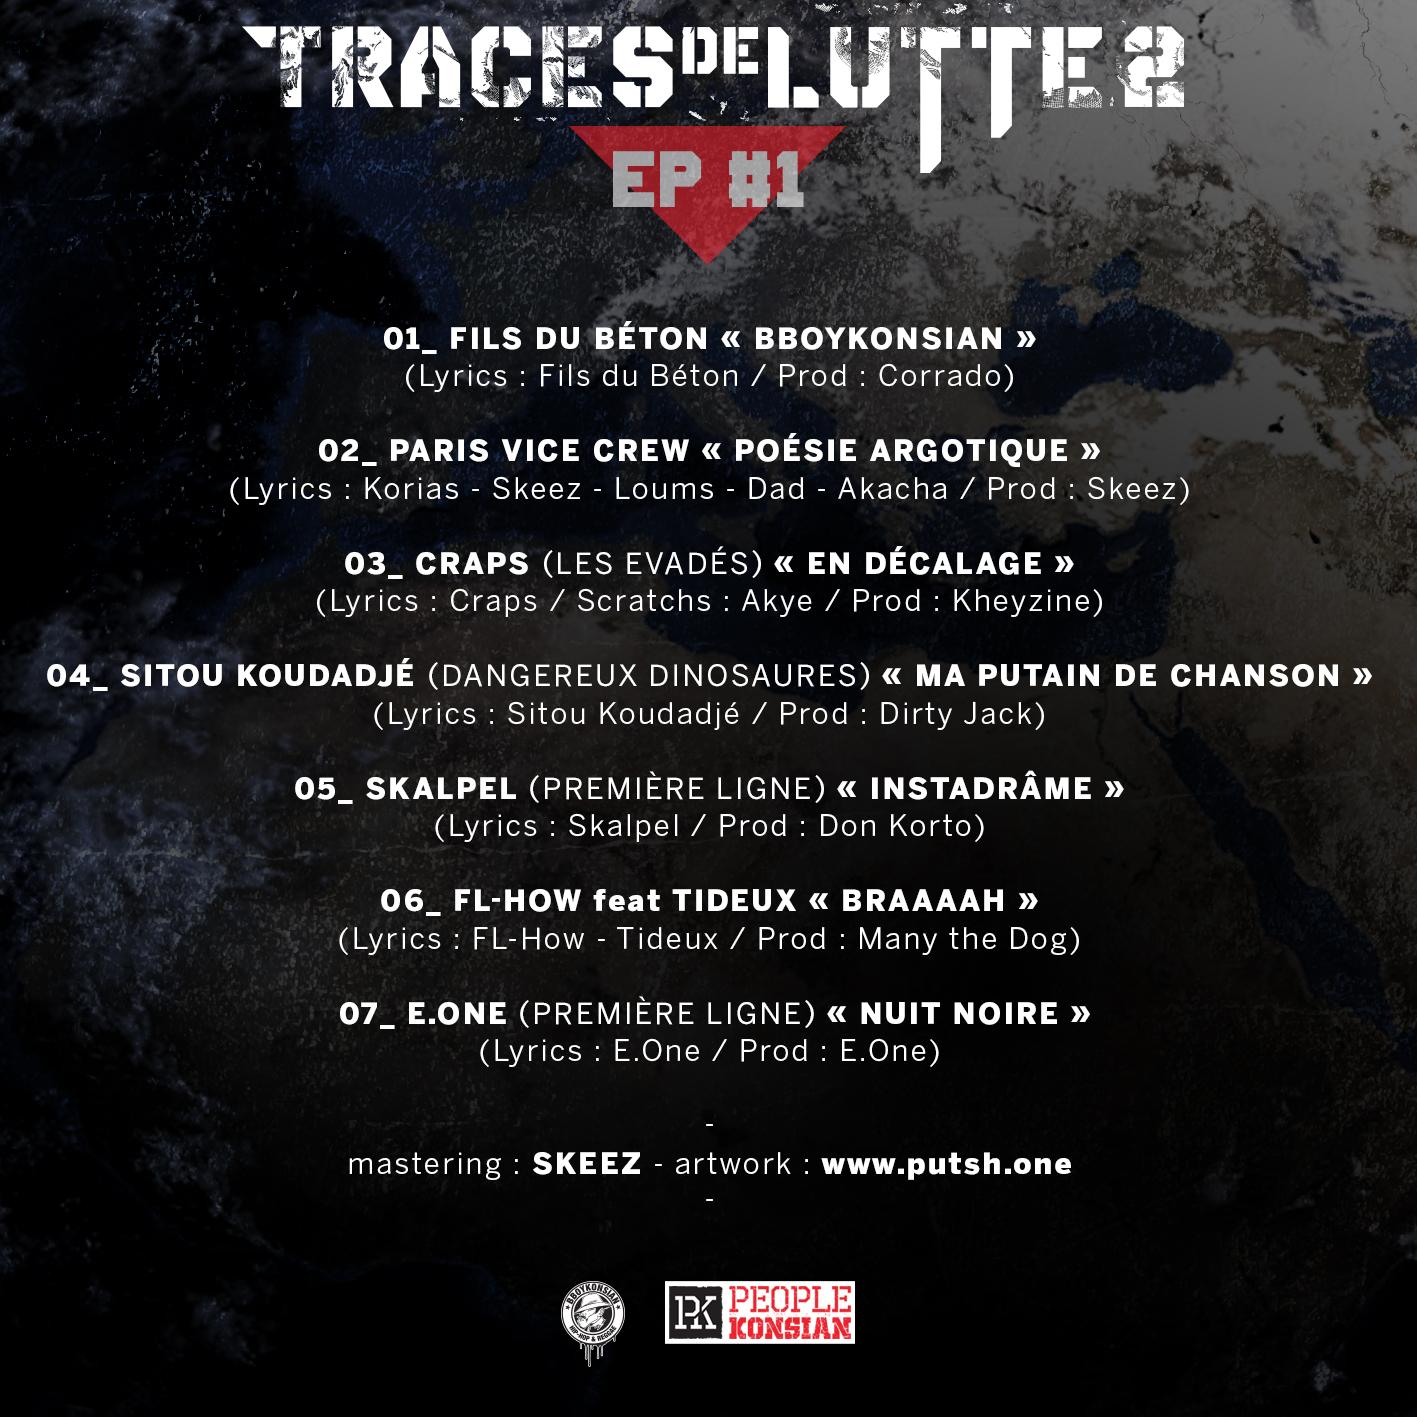 """Sortie de """"Traces de lutte 2 - EP #1"""" en Digital à prix libre"""